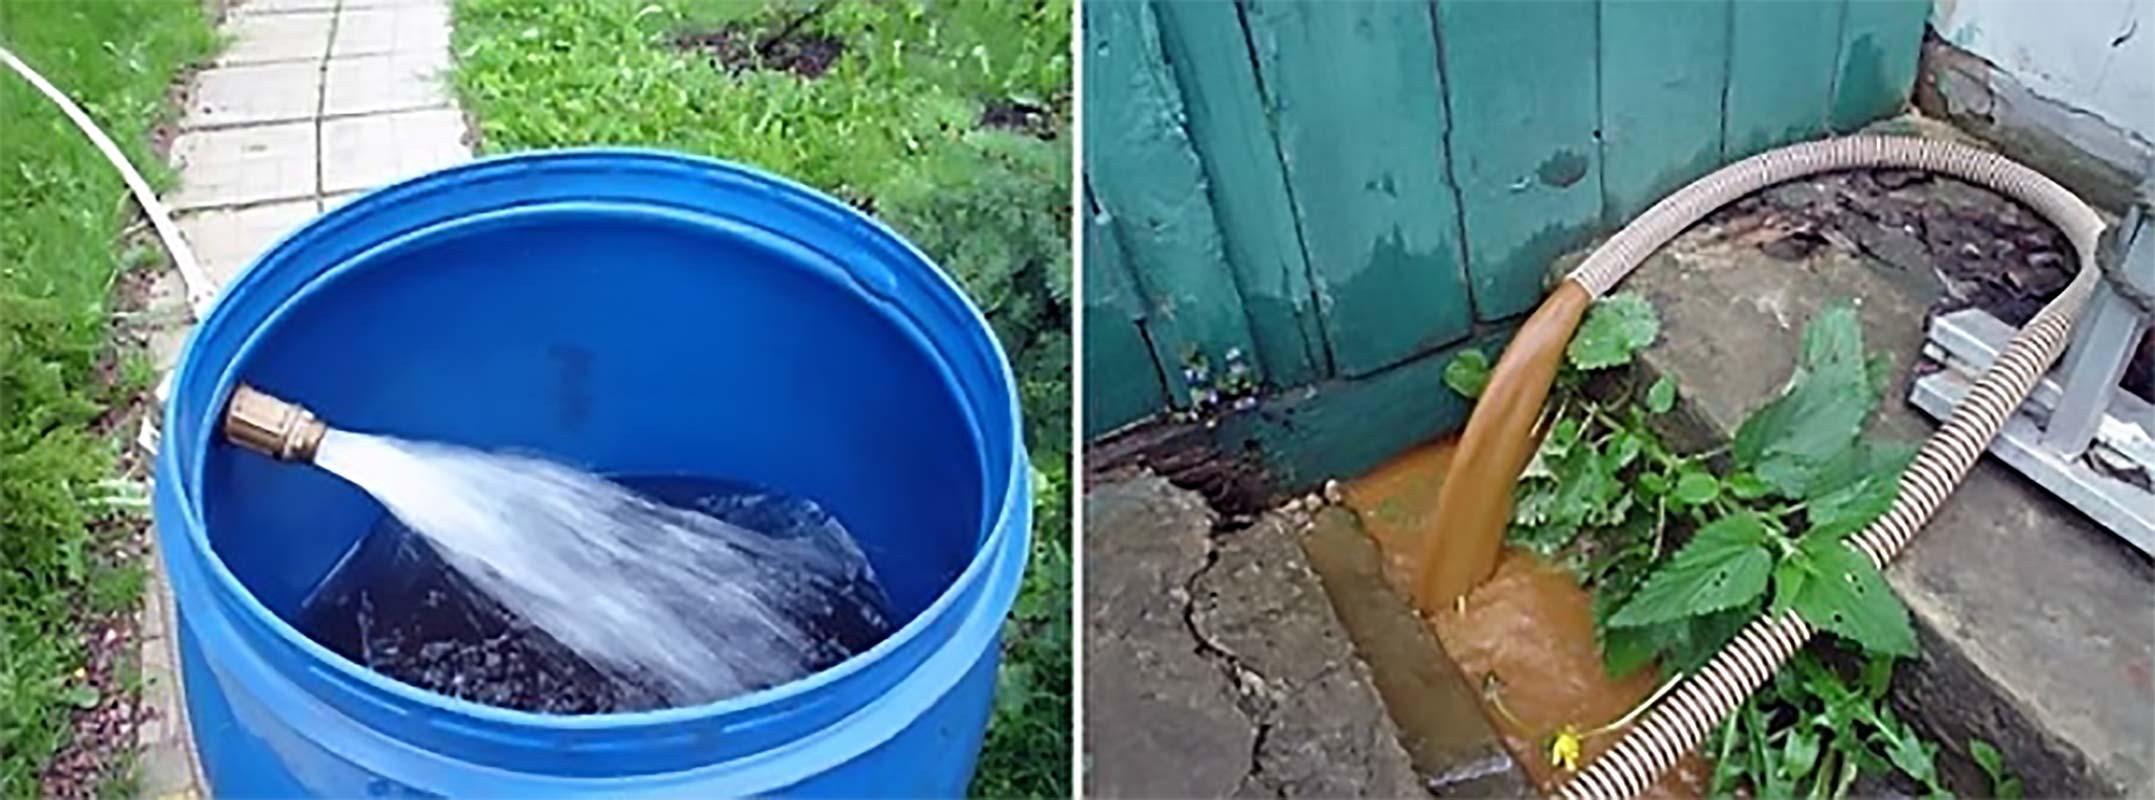 Пескоуловитель для внутренней канализации